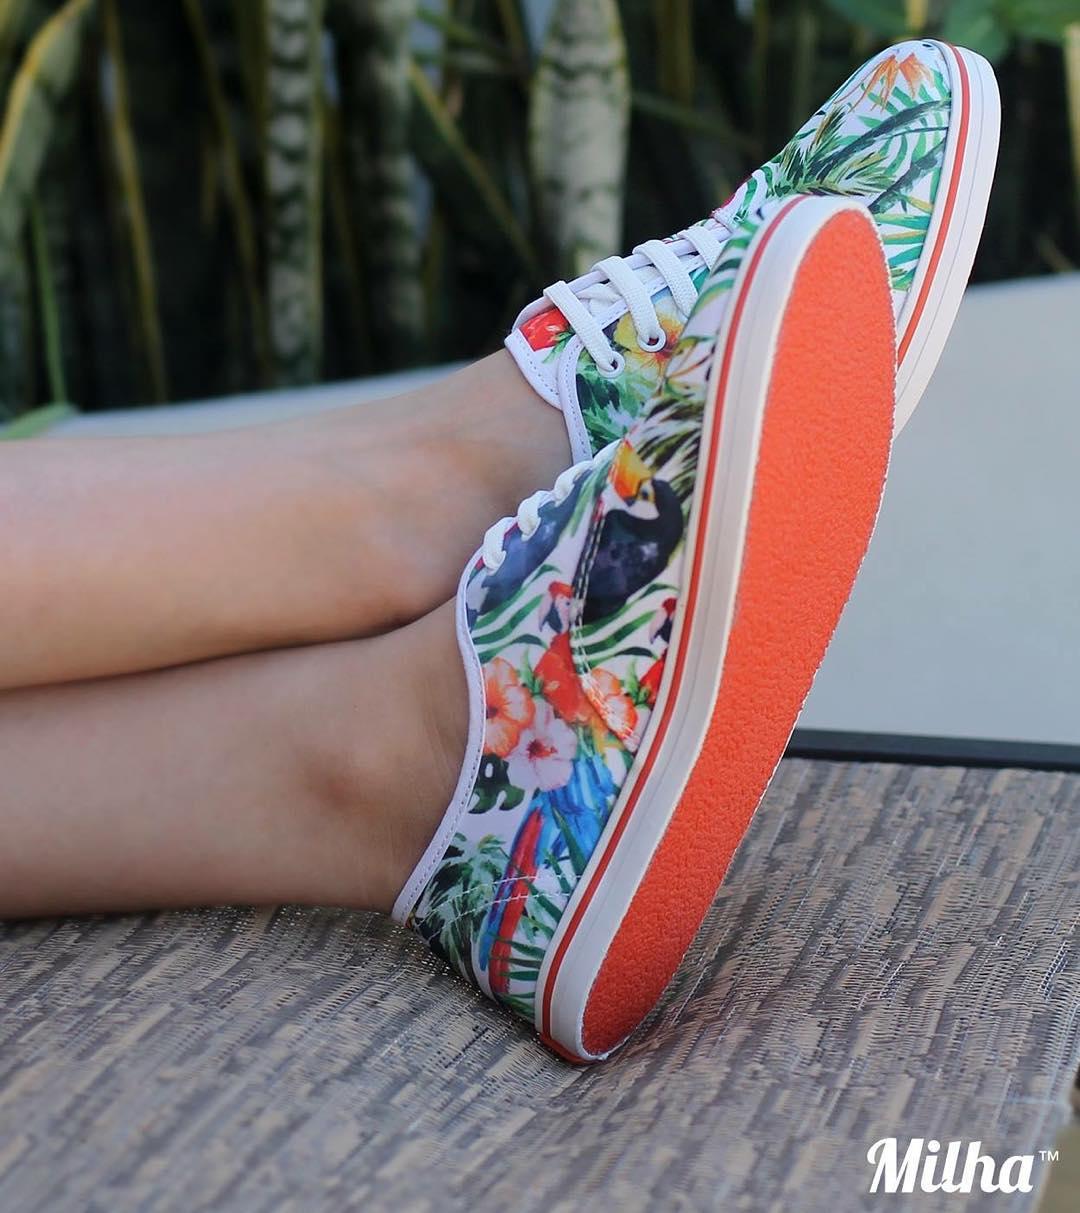 Día de relax con tus Milha™ Rainforest Parrot! Made to Enjoy! www.milha.com.ar #milha #relax @milha_oficial